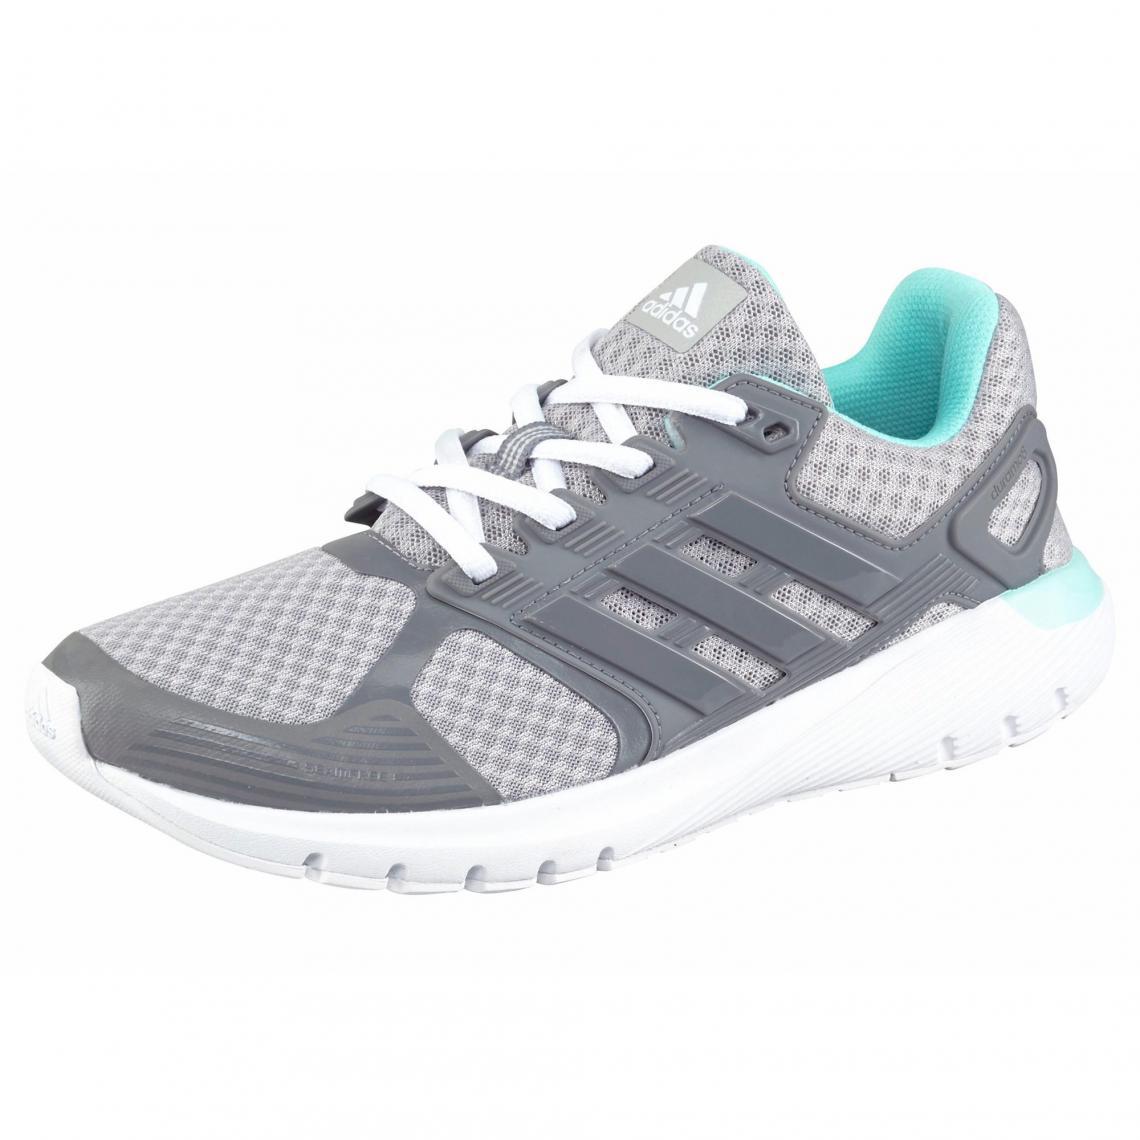 official photos 25c66 0d49e adidas Performance Duramo 8 chaussures de running femme - Gris Adidas  Performance Femme